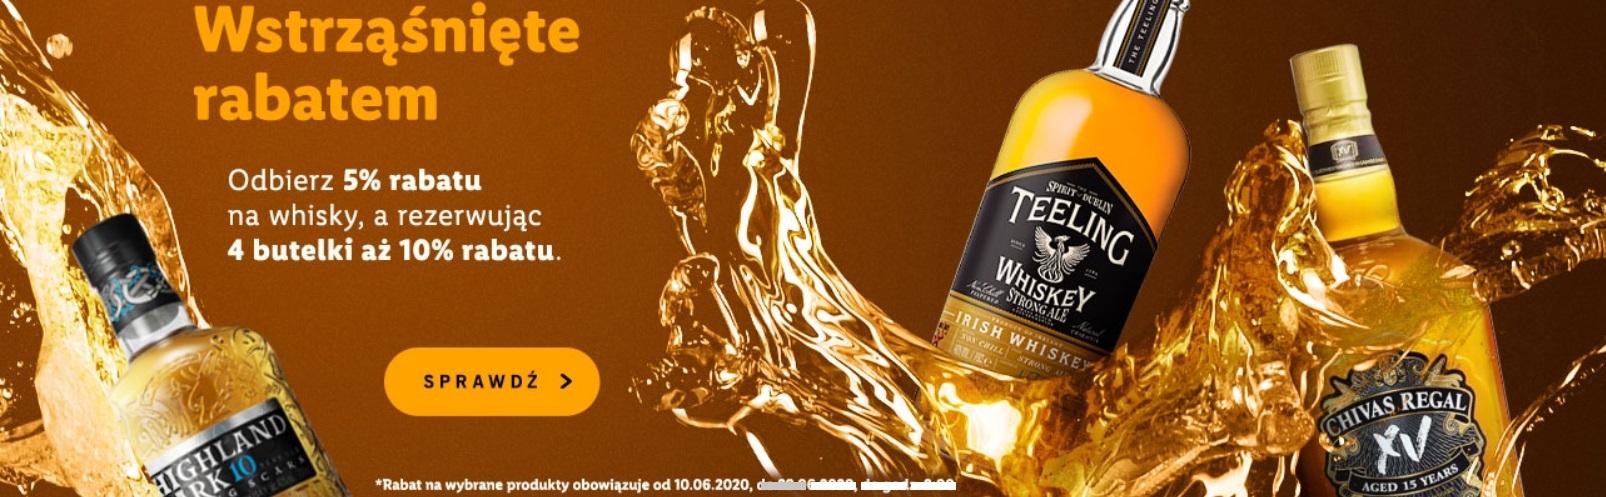 Wstrząśnięte rabatem - nowa promocja Winnicy Lidla na wybrane whisky